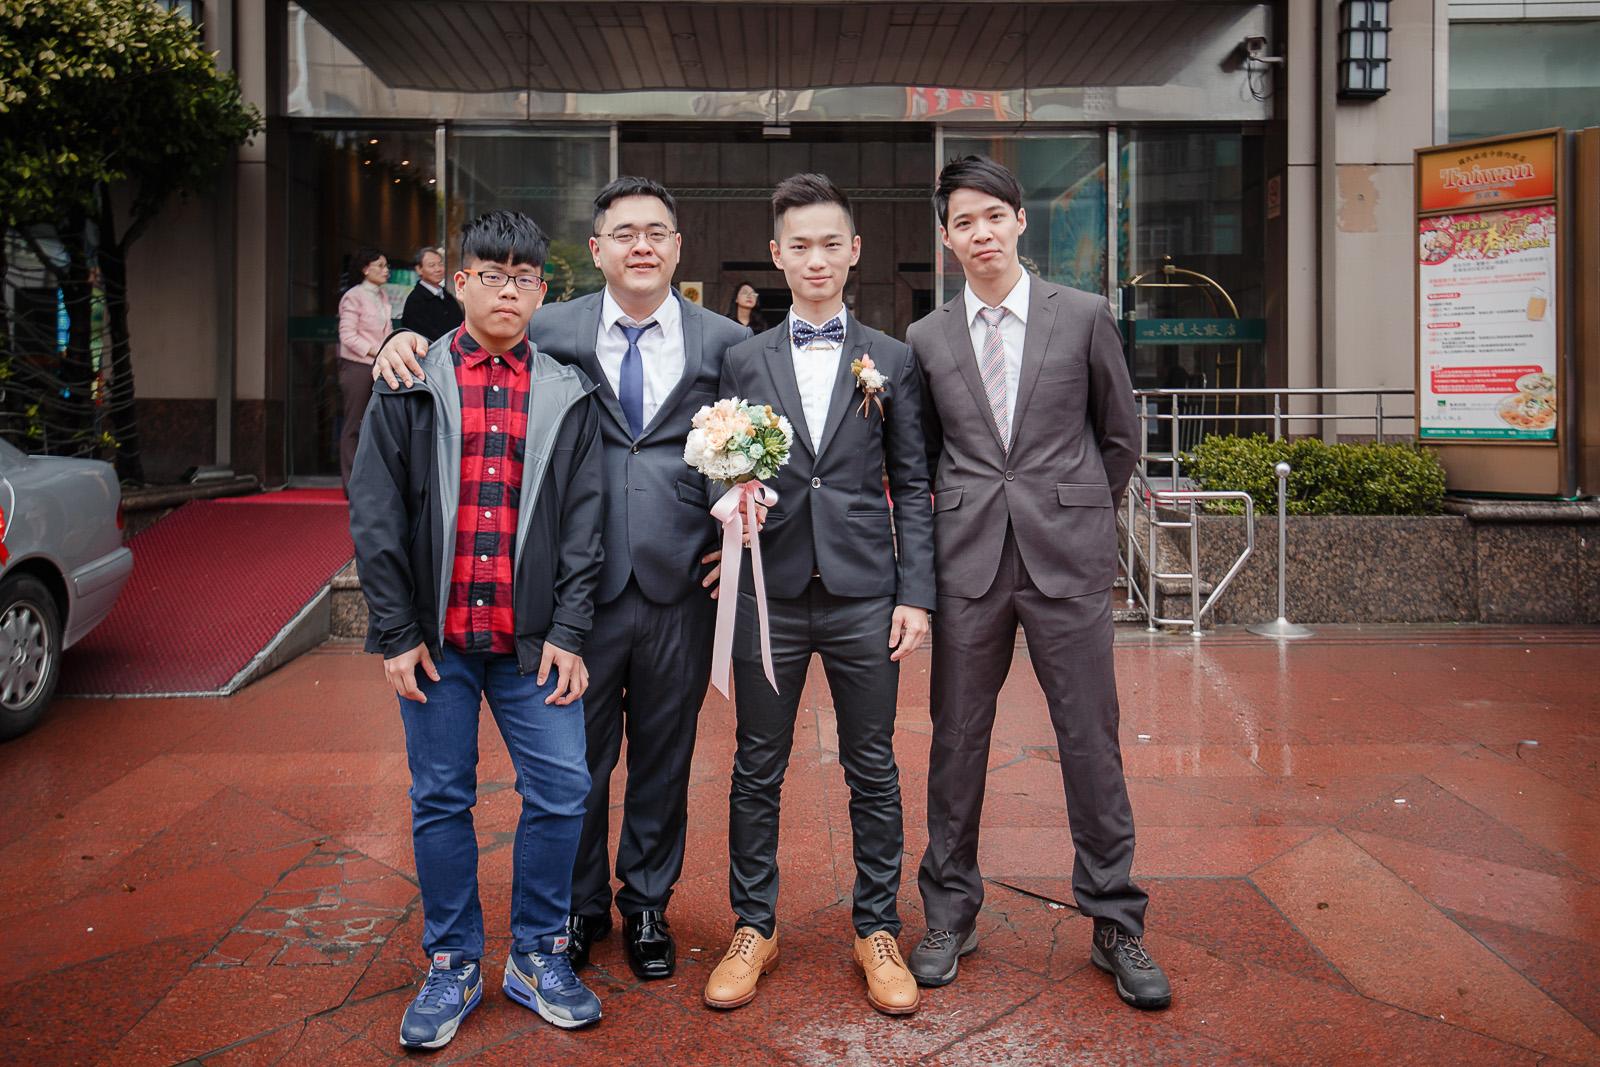 高雄圓山飯店,婚禮攝影,婚攝,高雄婚攝,優質婚攝推薦,Jen&Ethan-085